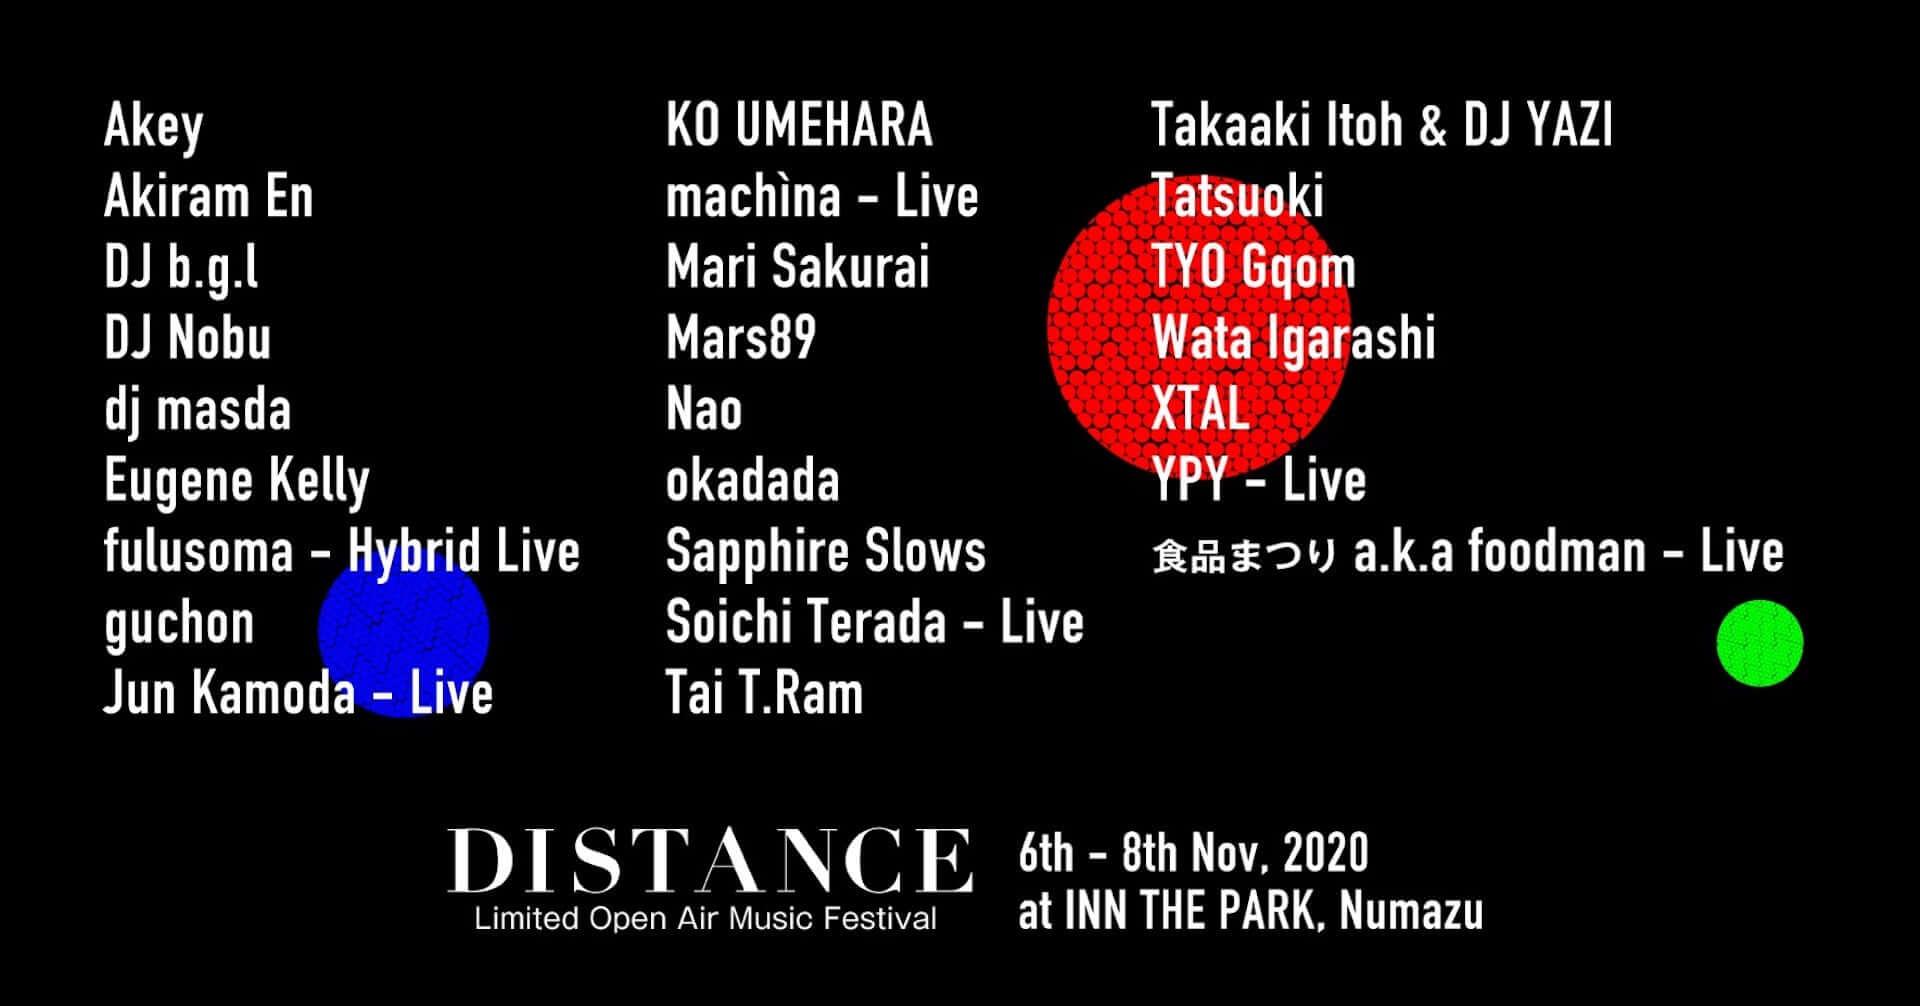 静岡の泊まれる公園「INN THE PARK」での野外フェス<DISTANCE>のタイムテーブル&会場マップが解禁!出店ラインナップも紹介 music201026_distance2020_5-1920x1006